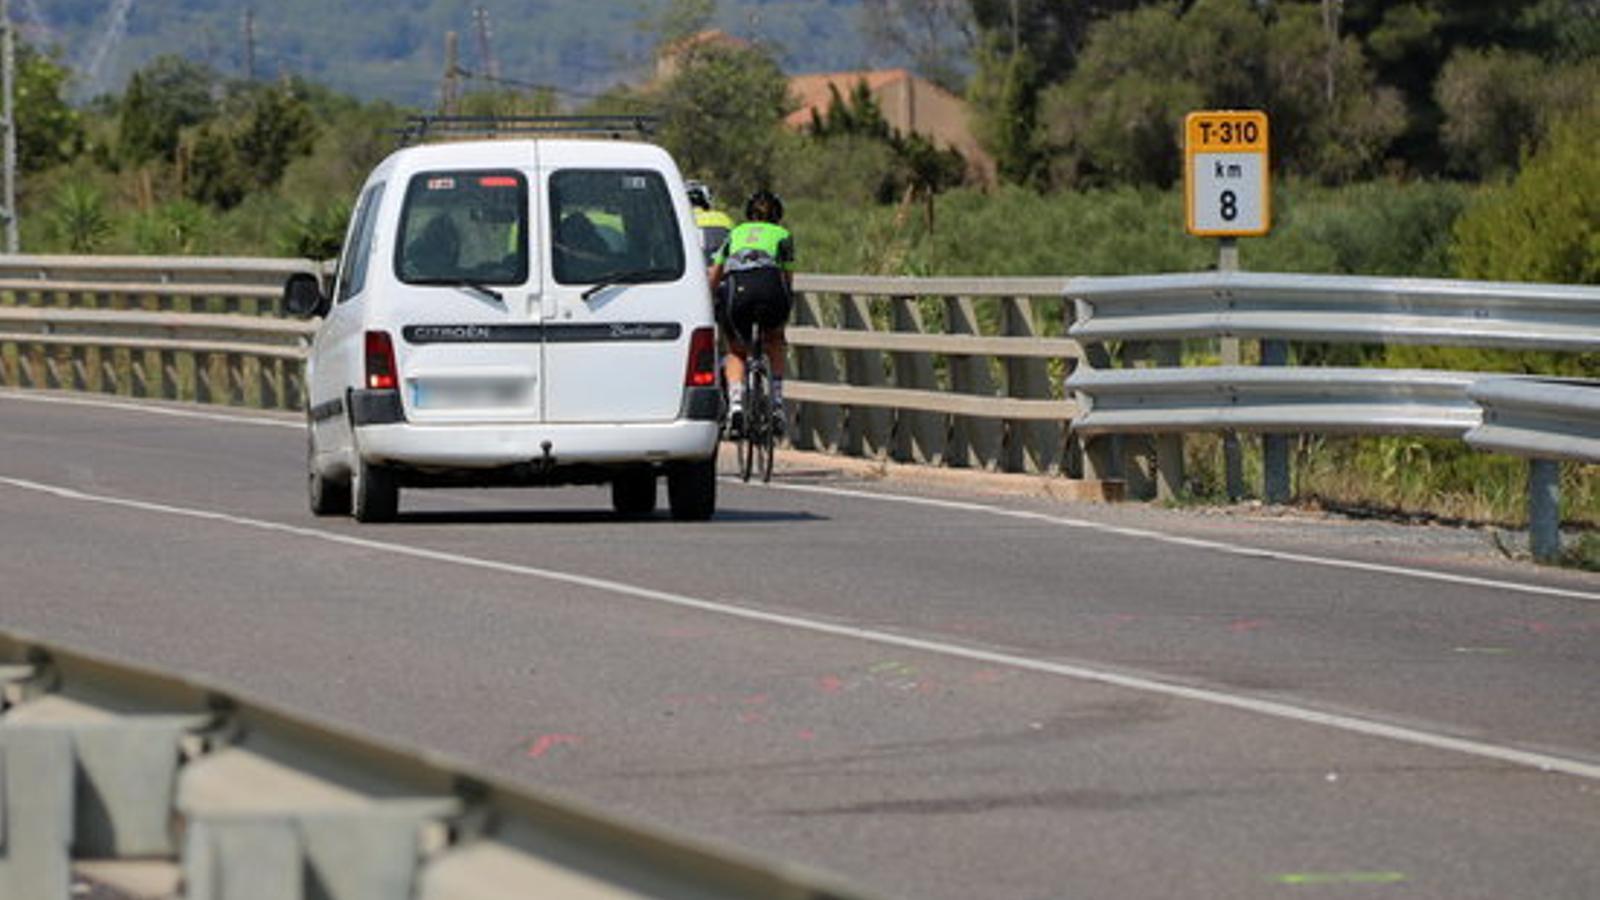 Detinguts els conductors que han provocat dos accidents mortals i han donat positiu per drogues